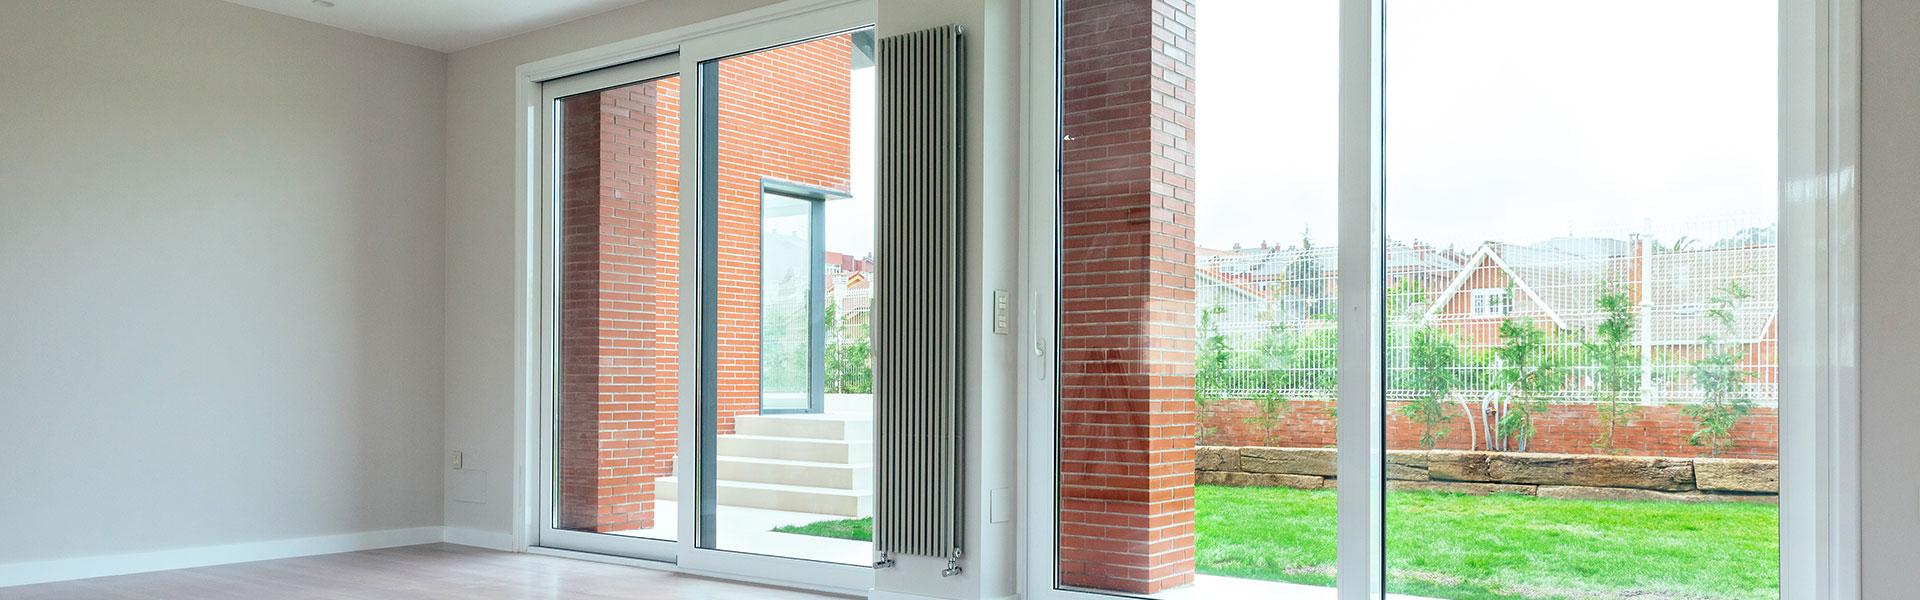 Okna pcv Lublin